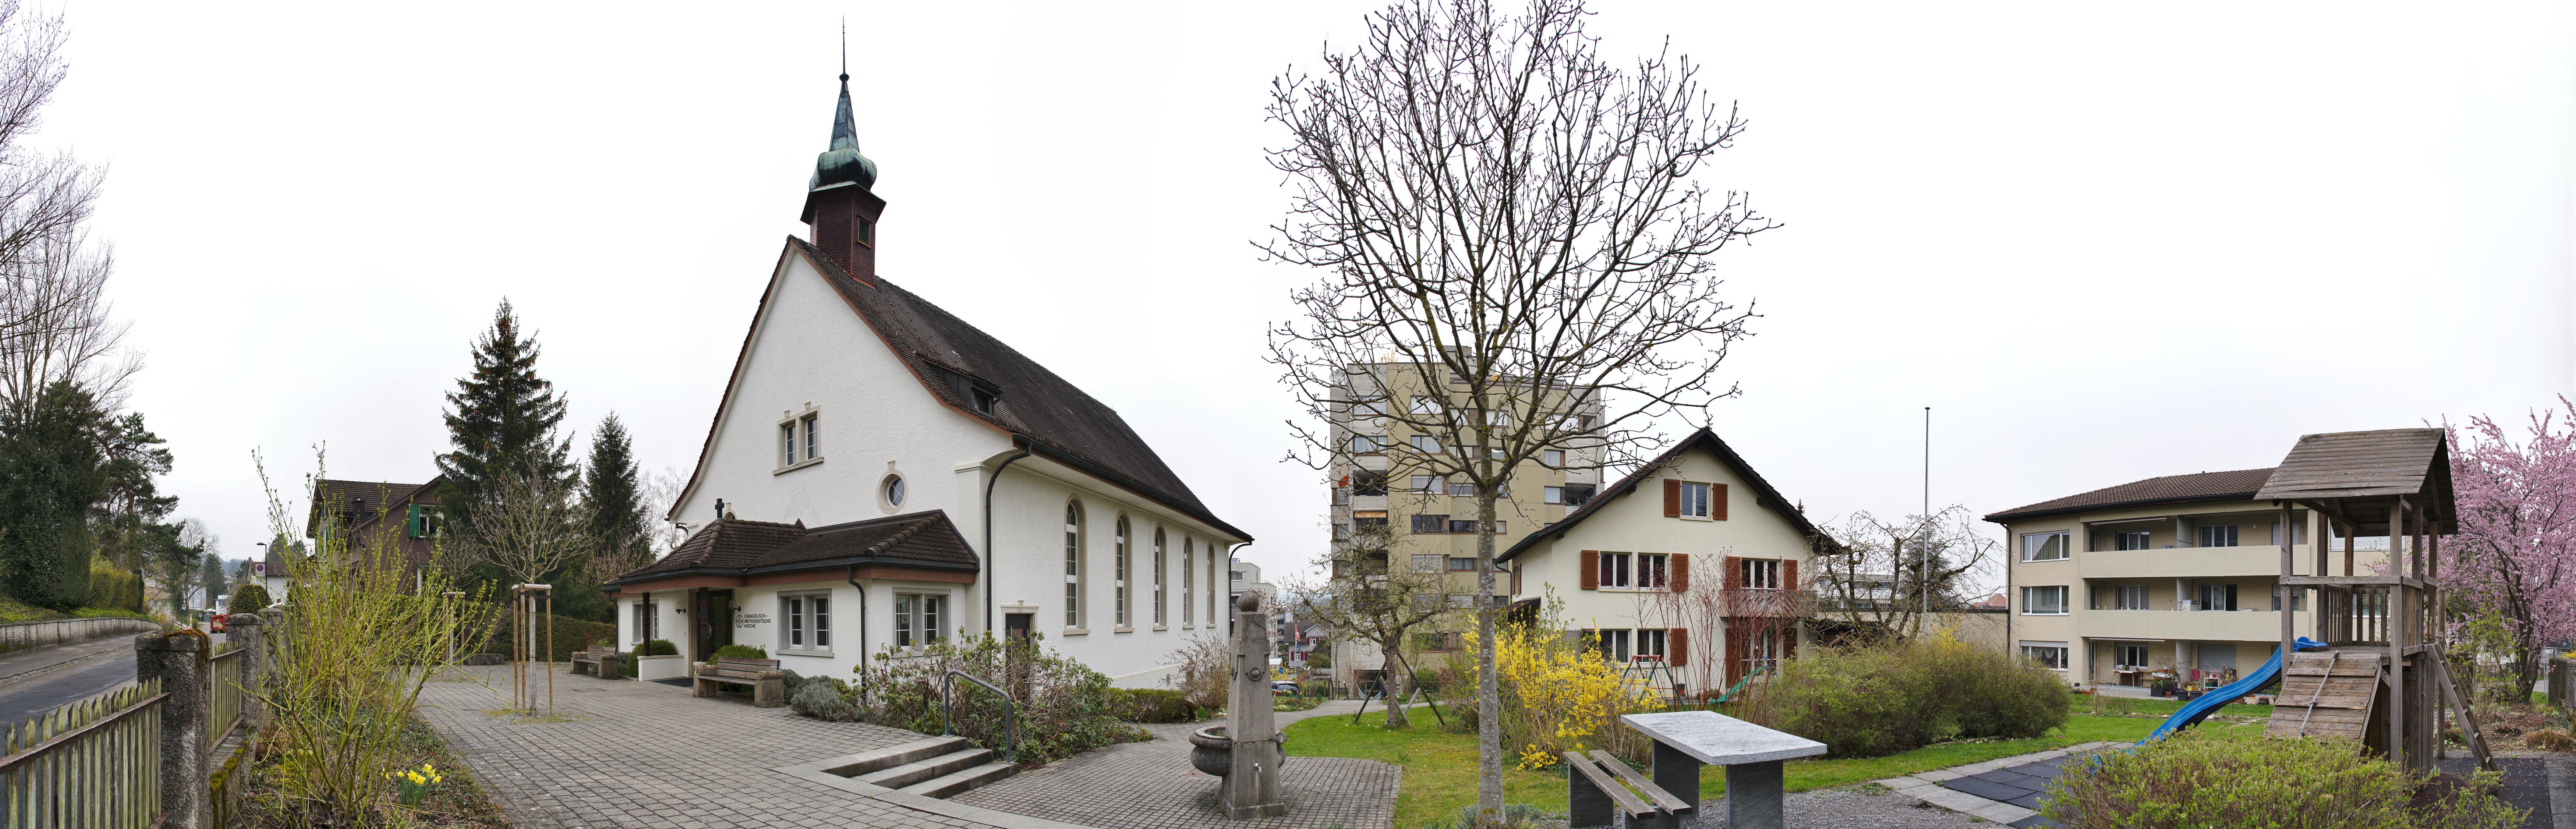 Kapelle Uzwil, Pfarrhaus, Mehrfamilienhaus (Bild: Sigmar Friedrich)